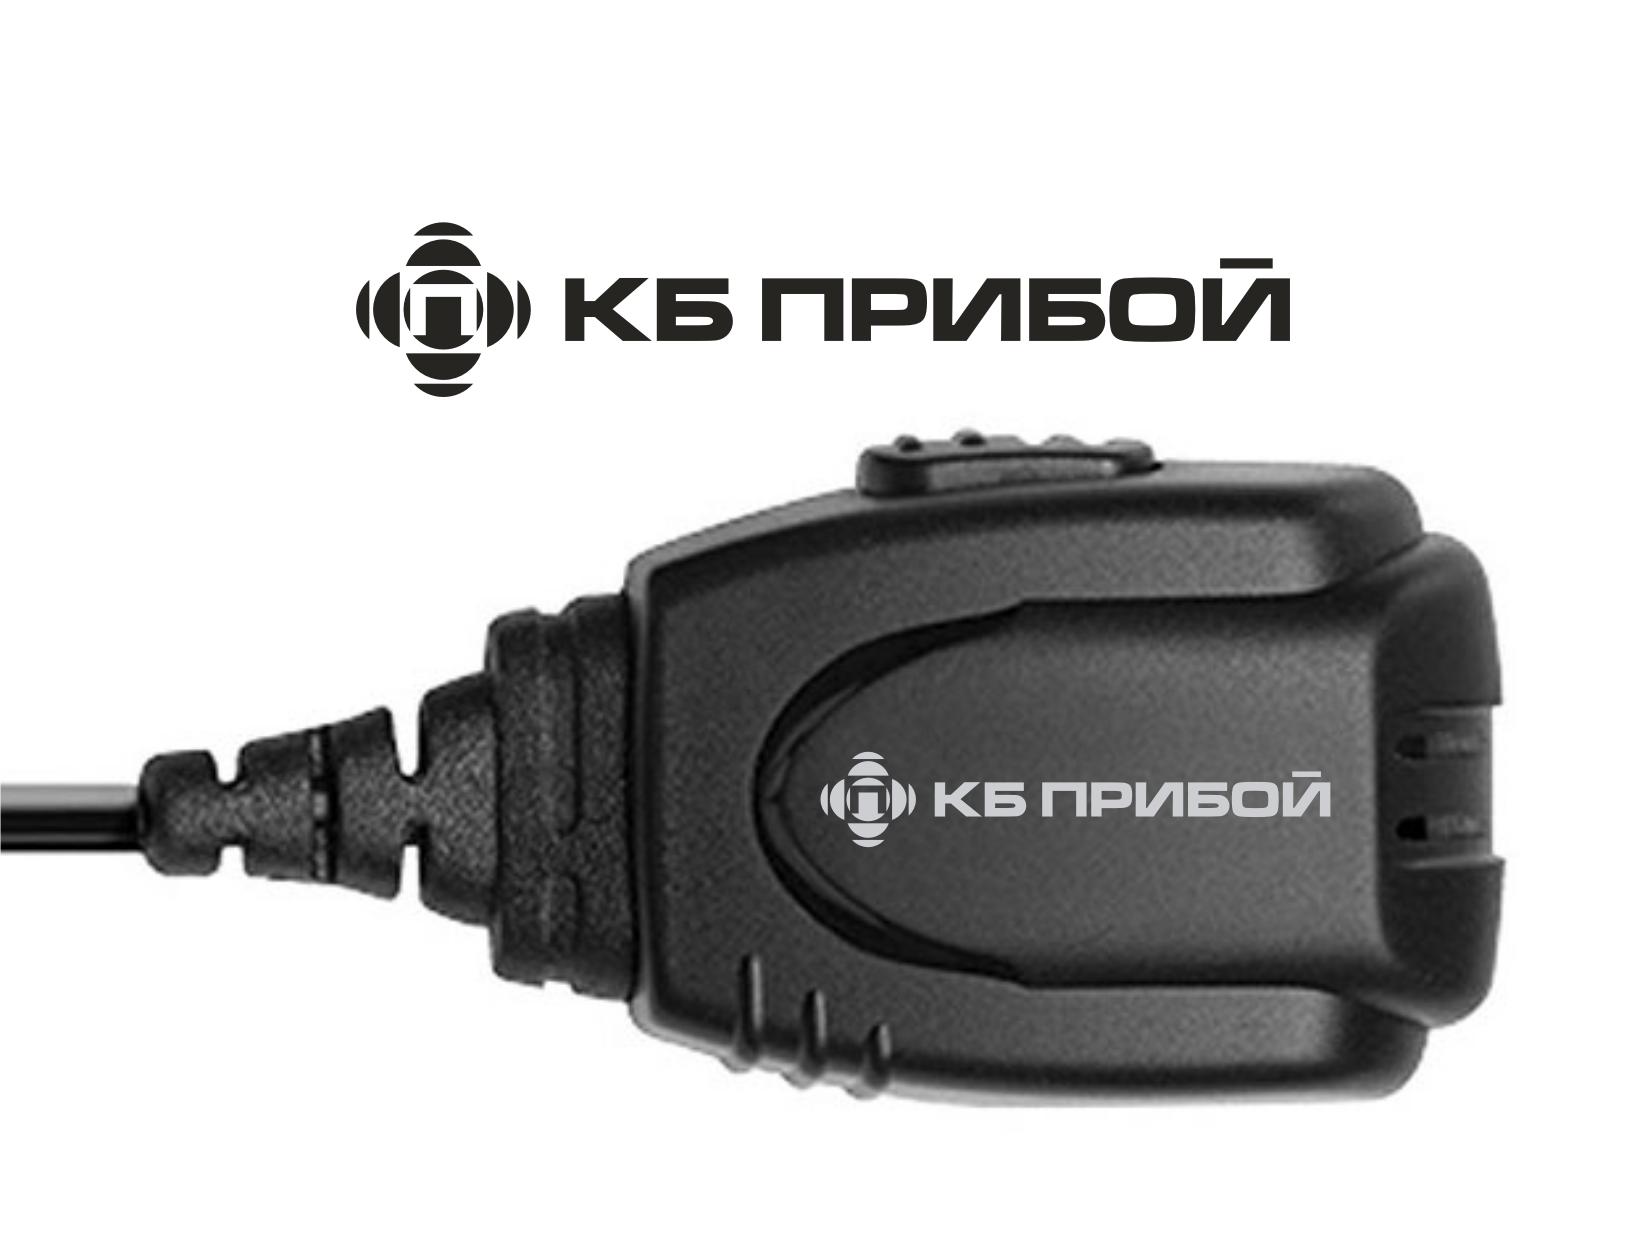 Разработка логотипа и фирменного стиля для КБ Прибой фото f_7465b24b6aea3504.png